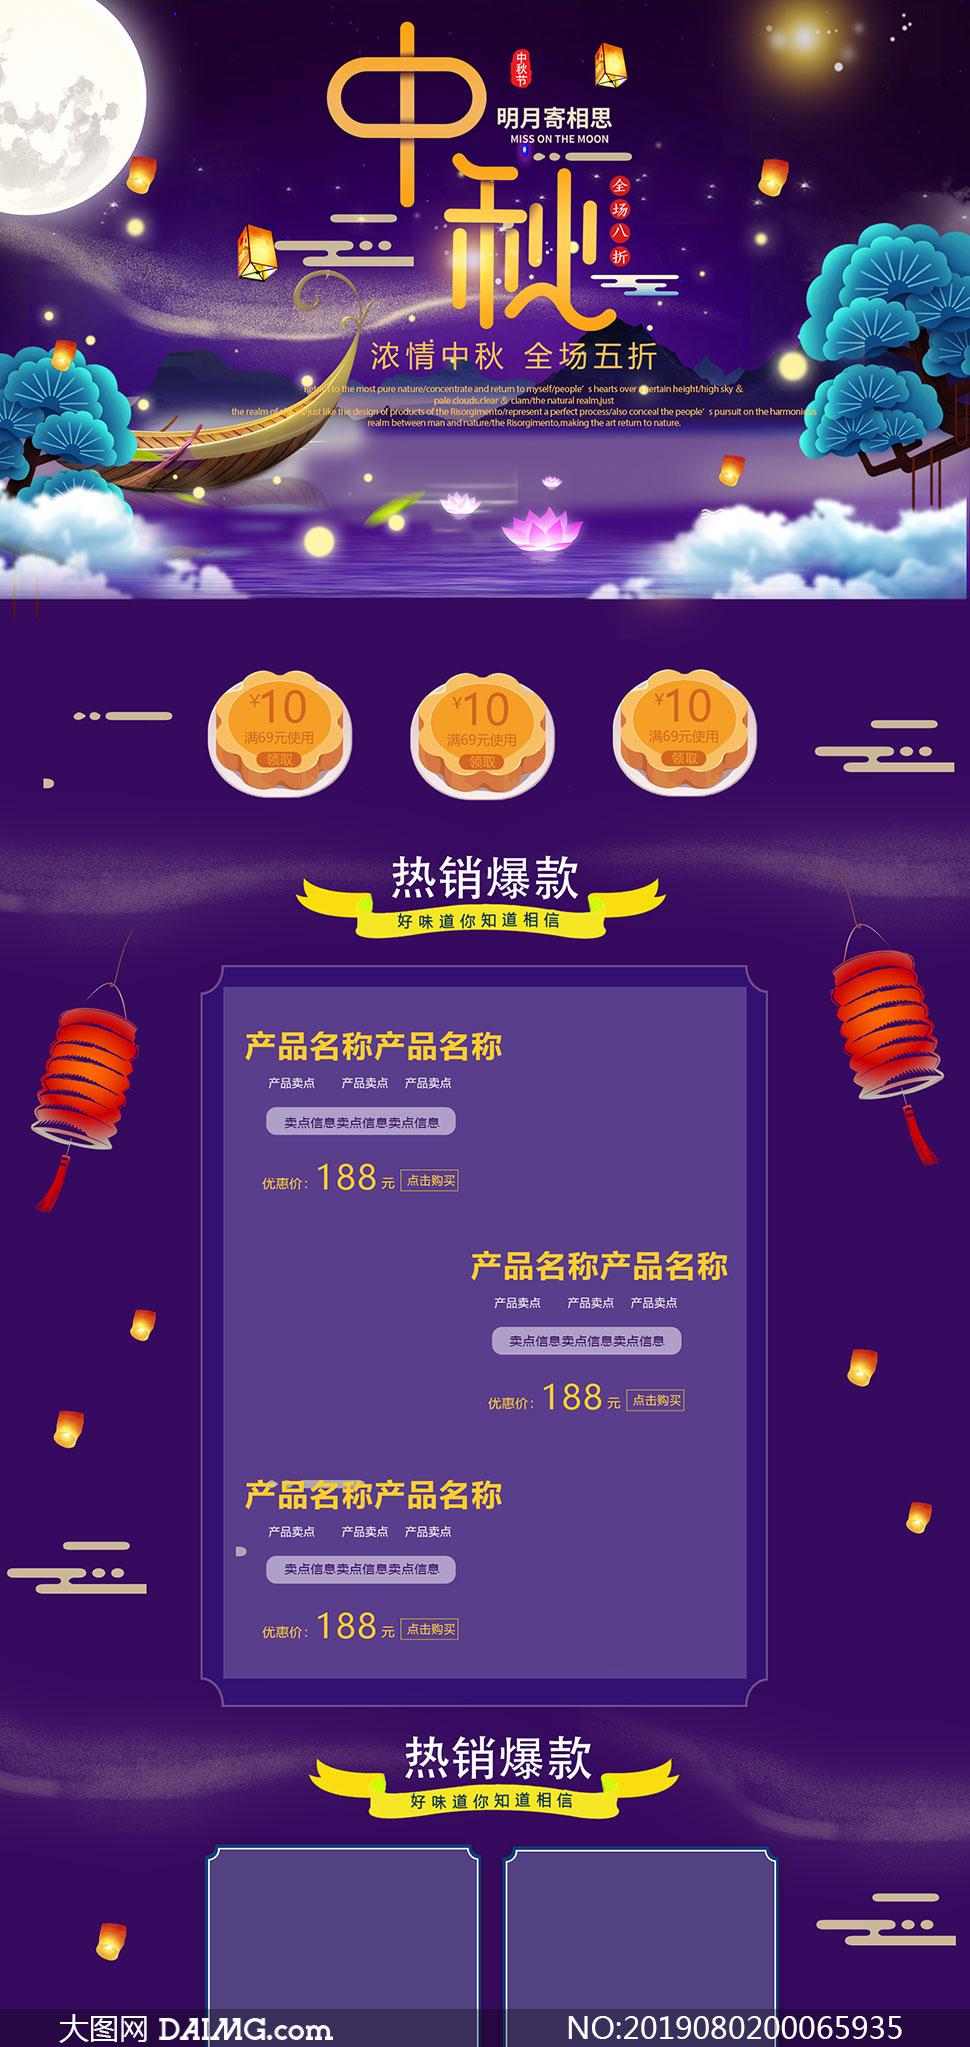 天猫中秋节首页设计模板PSD素材